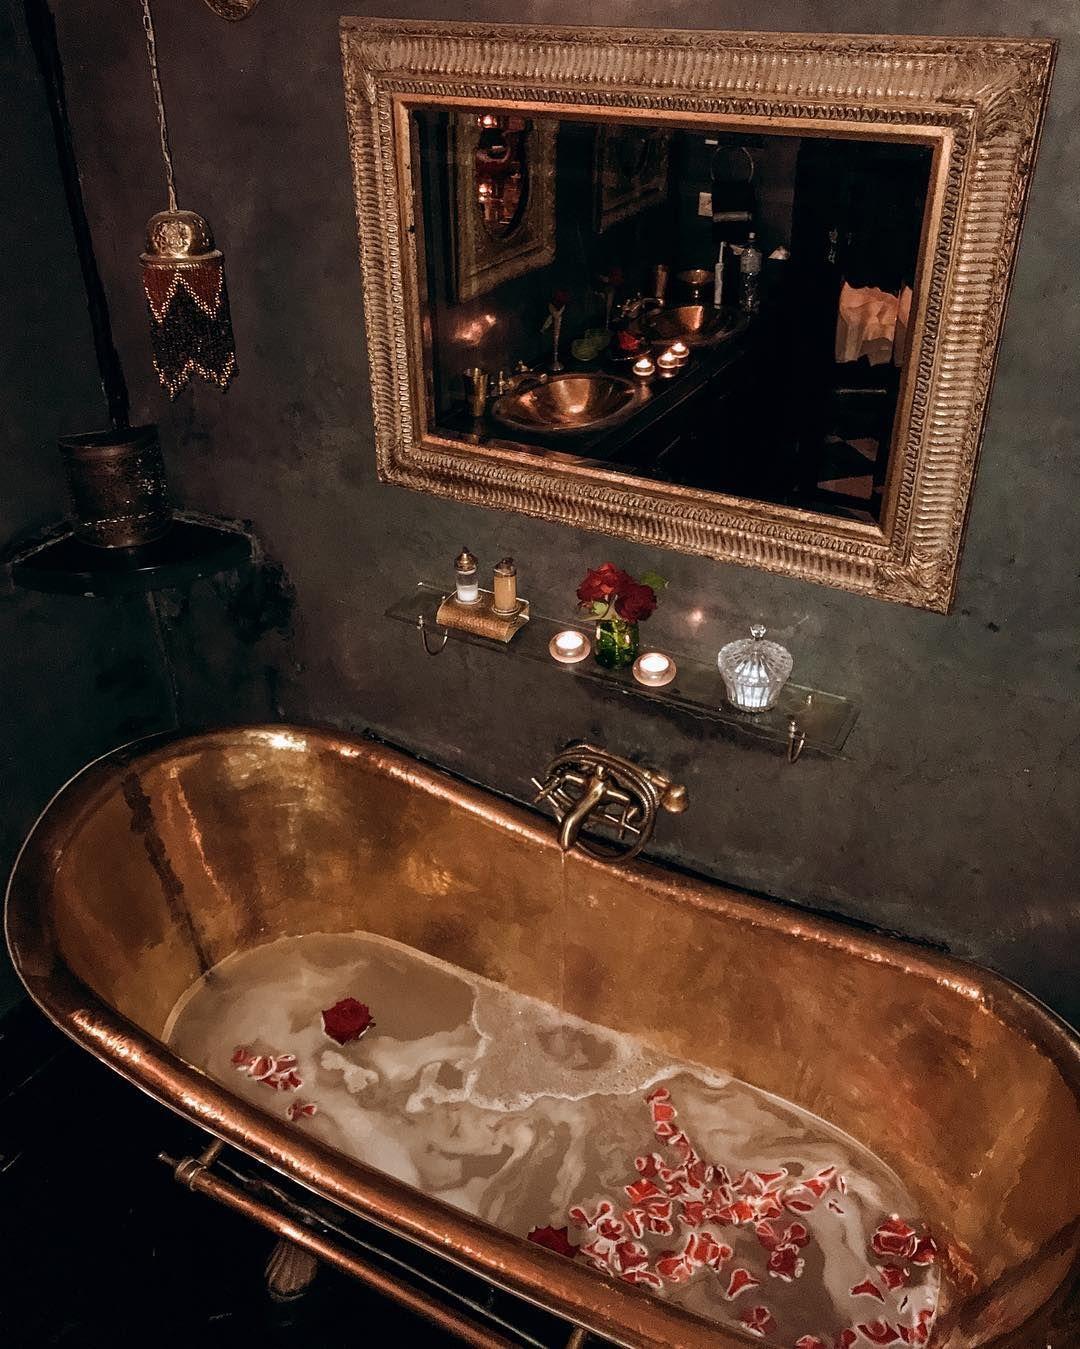 Entspannendes badezimmerdekor pin von otto auf bad  pinterest  badezimmer bäder ideen und haus